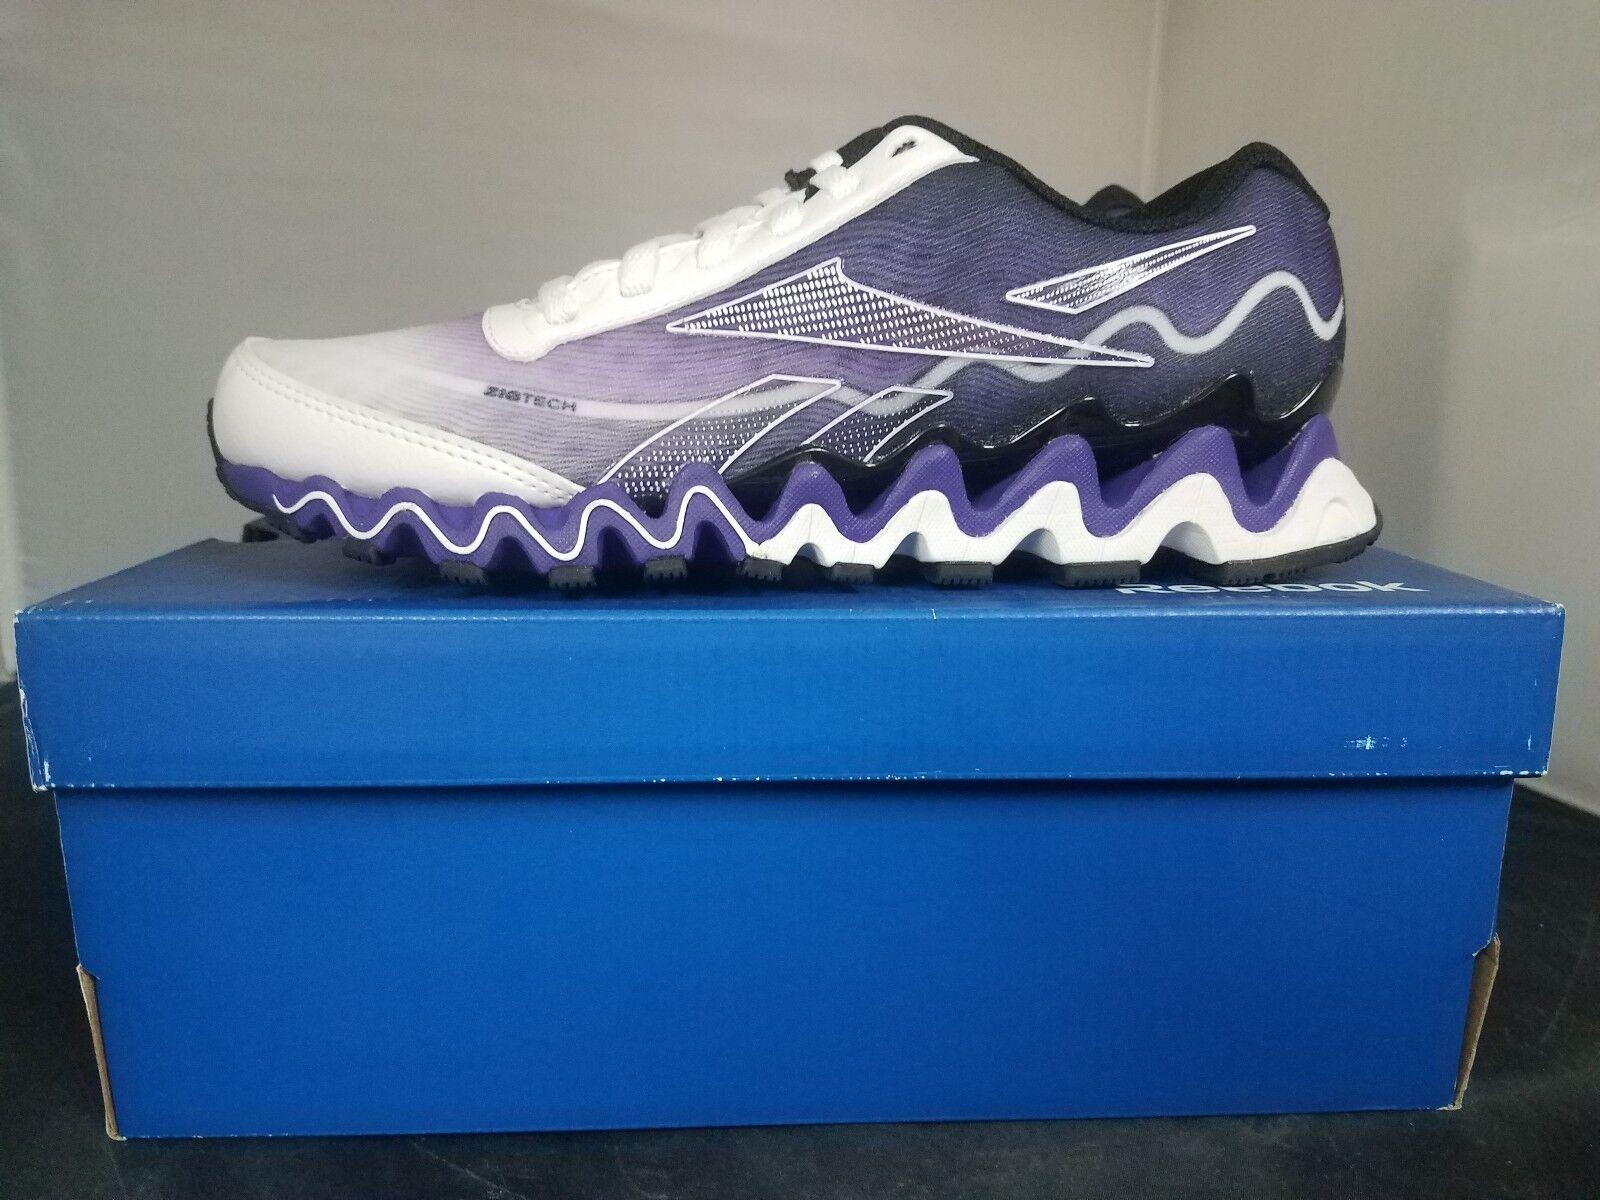 Reebok Para Mujer Talla 6.5 Zigultra Zapatillas blancoo blancoo blancoo Negro púrpuraa Azul-Nuevo  Compra calidad 100% autentica